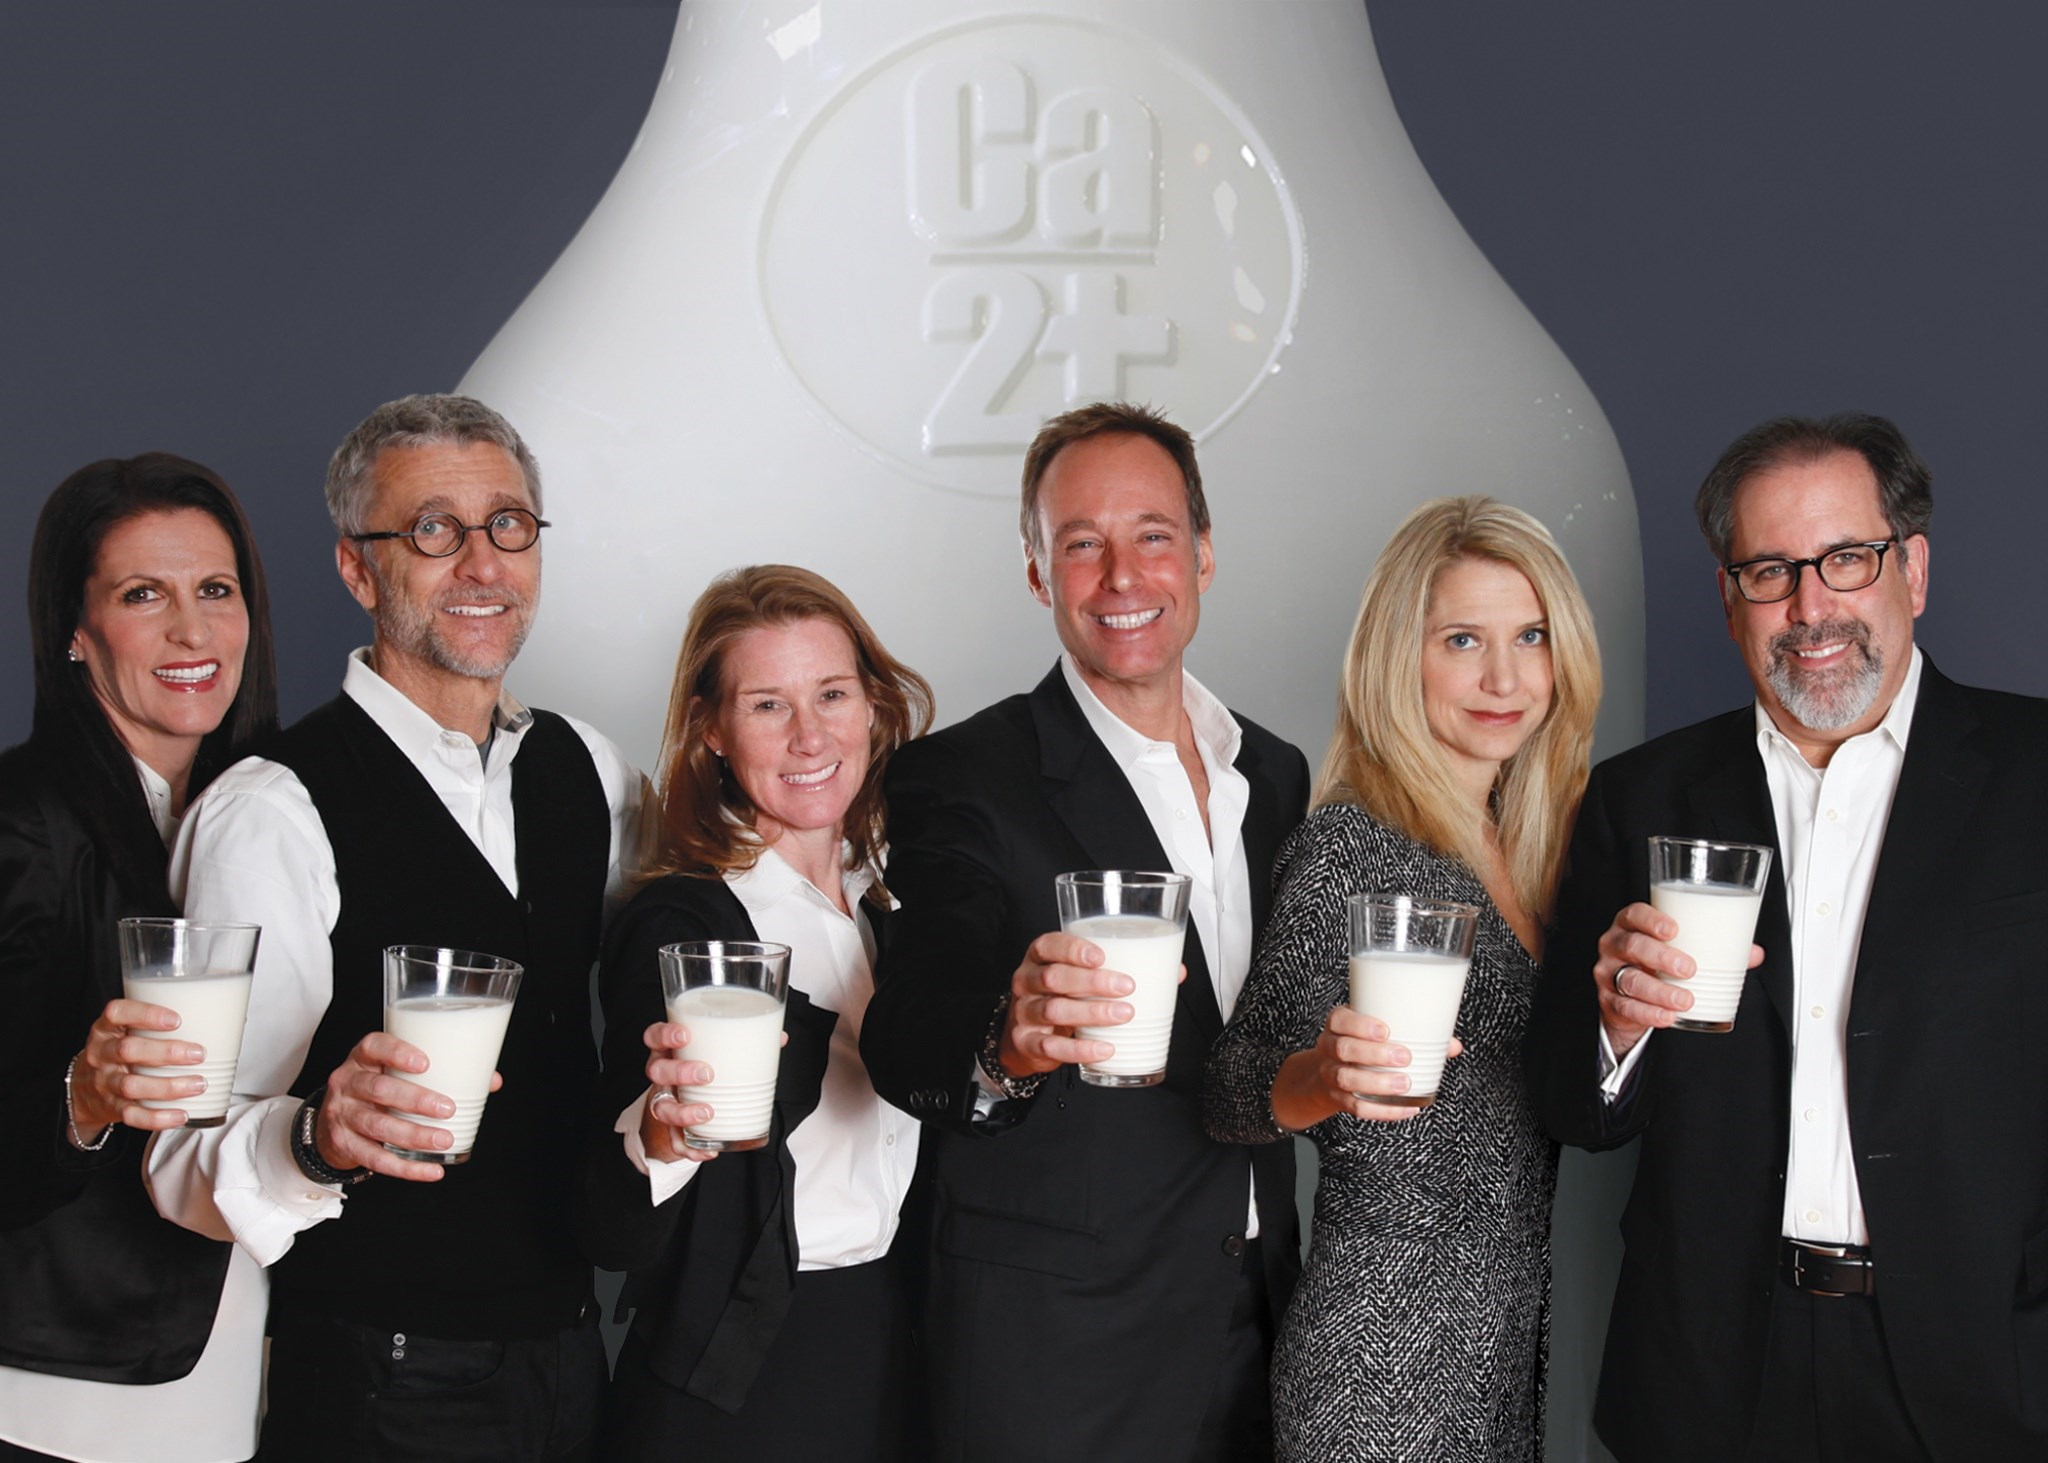 Calcium team